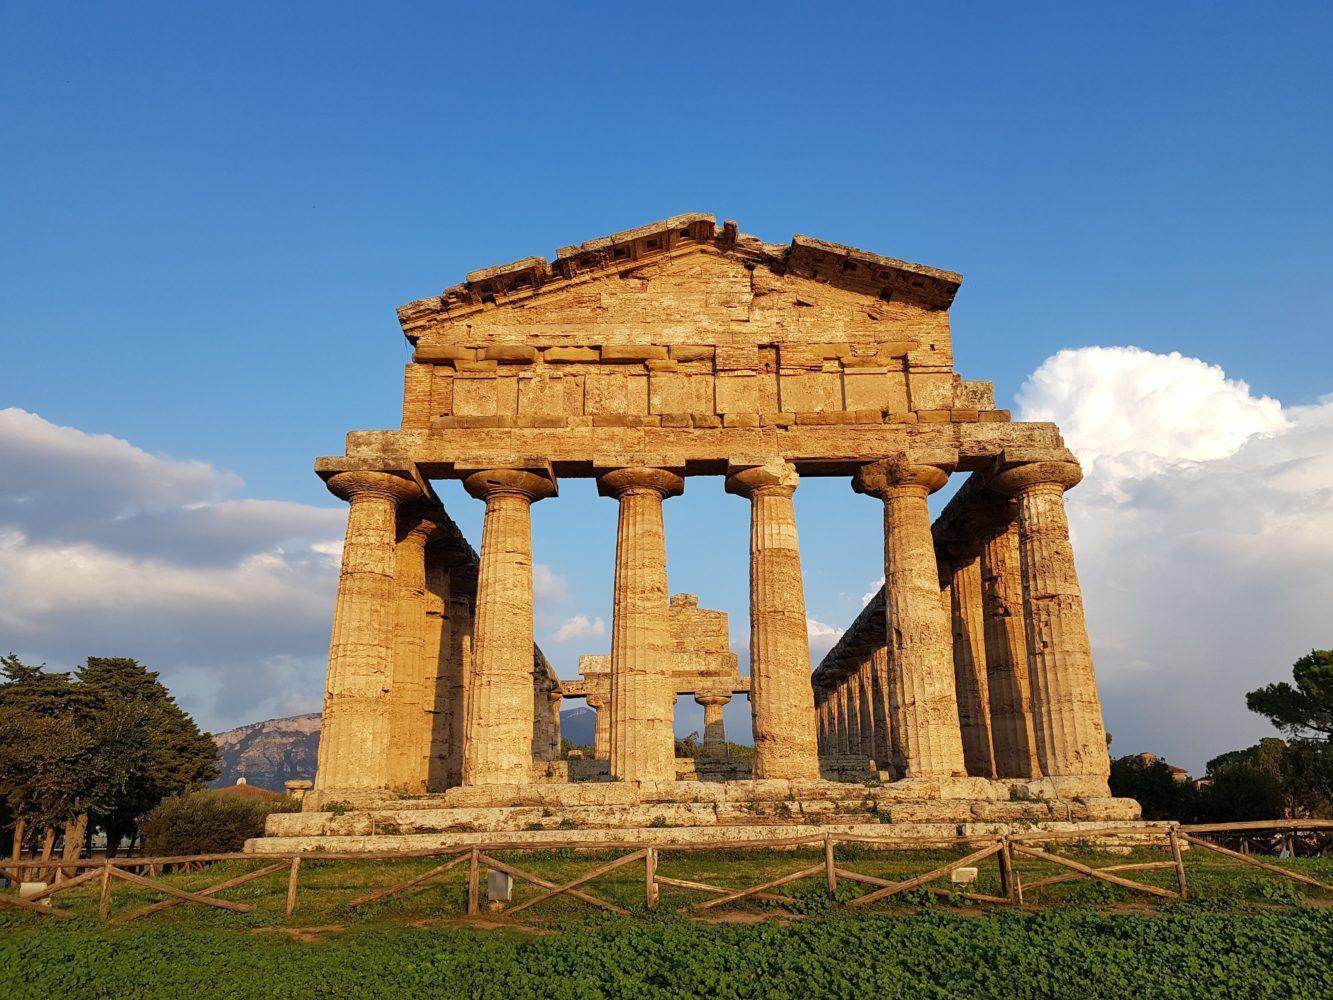 Siti archeologici del Cilento Tempio di Atena Scavi di Paestum, parco archeologico di paestum experience (1)